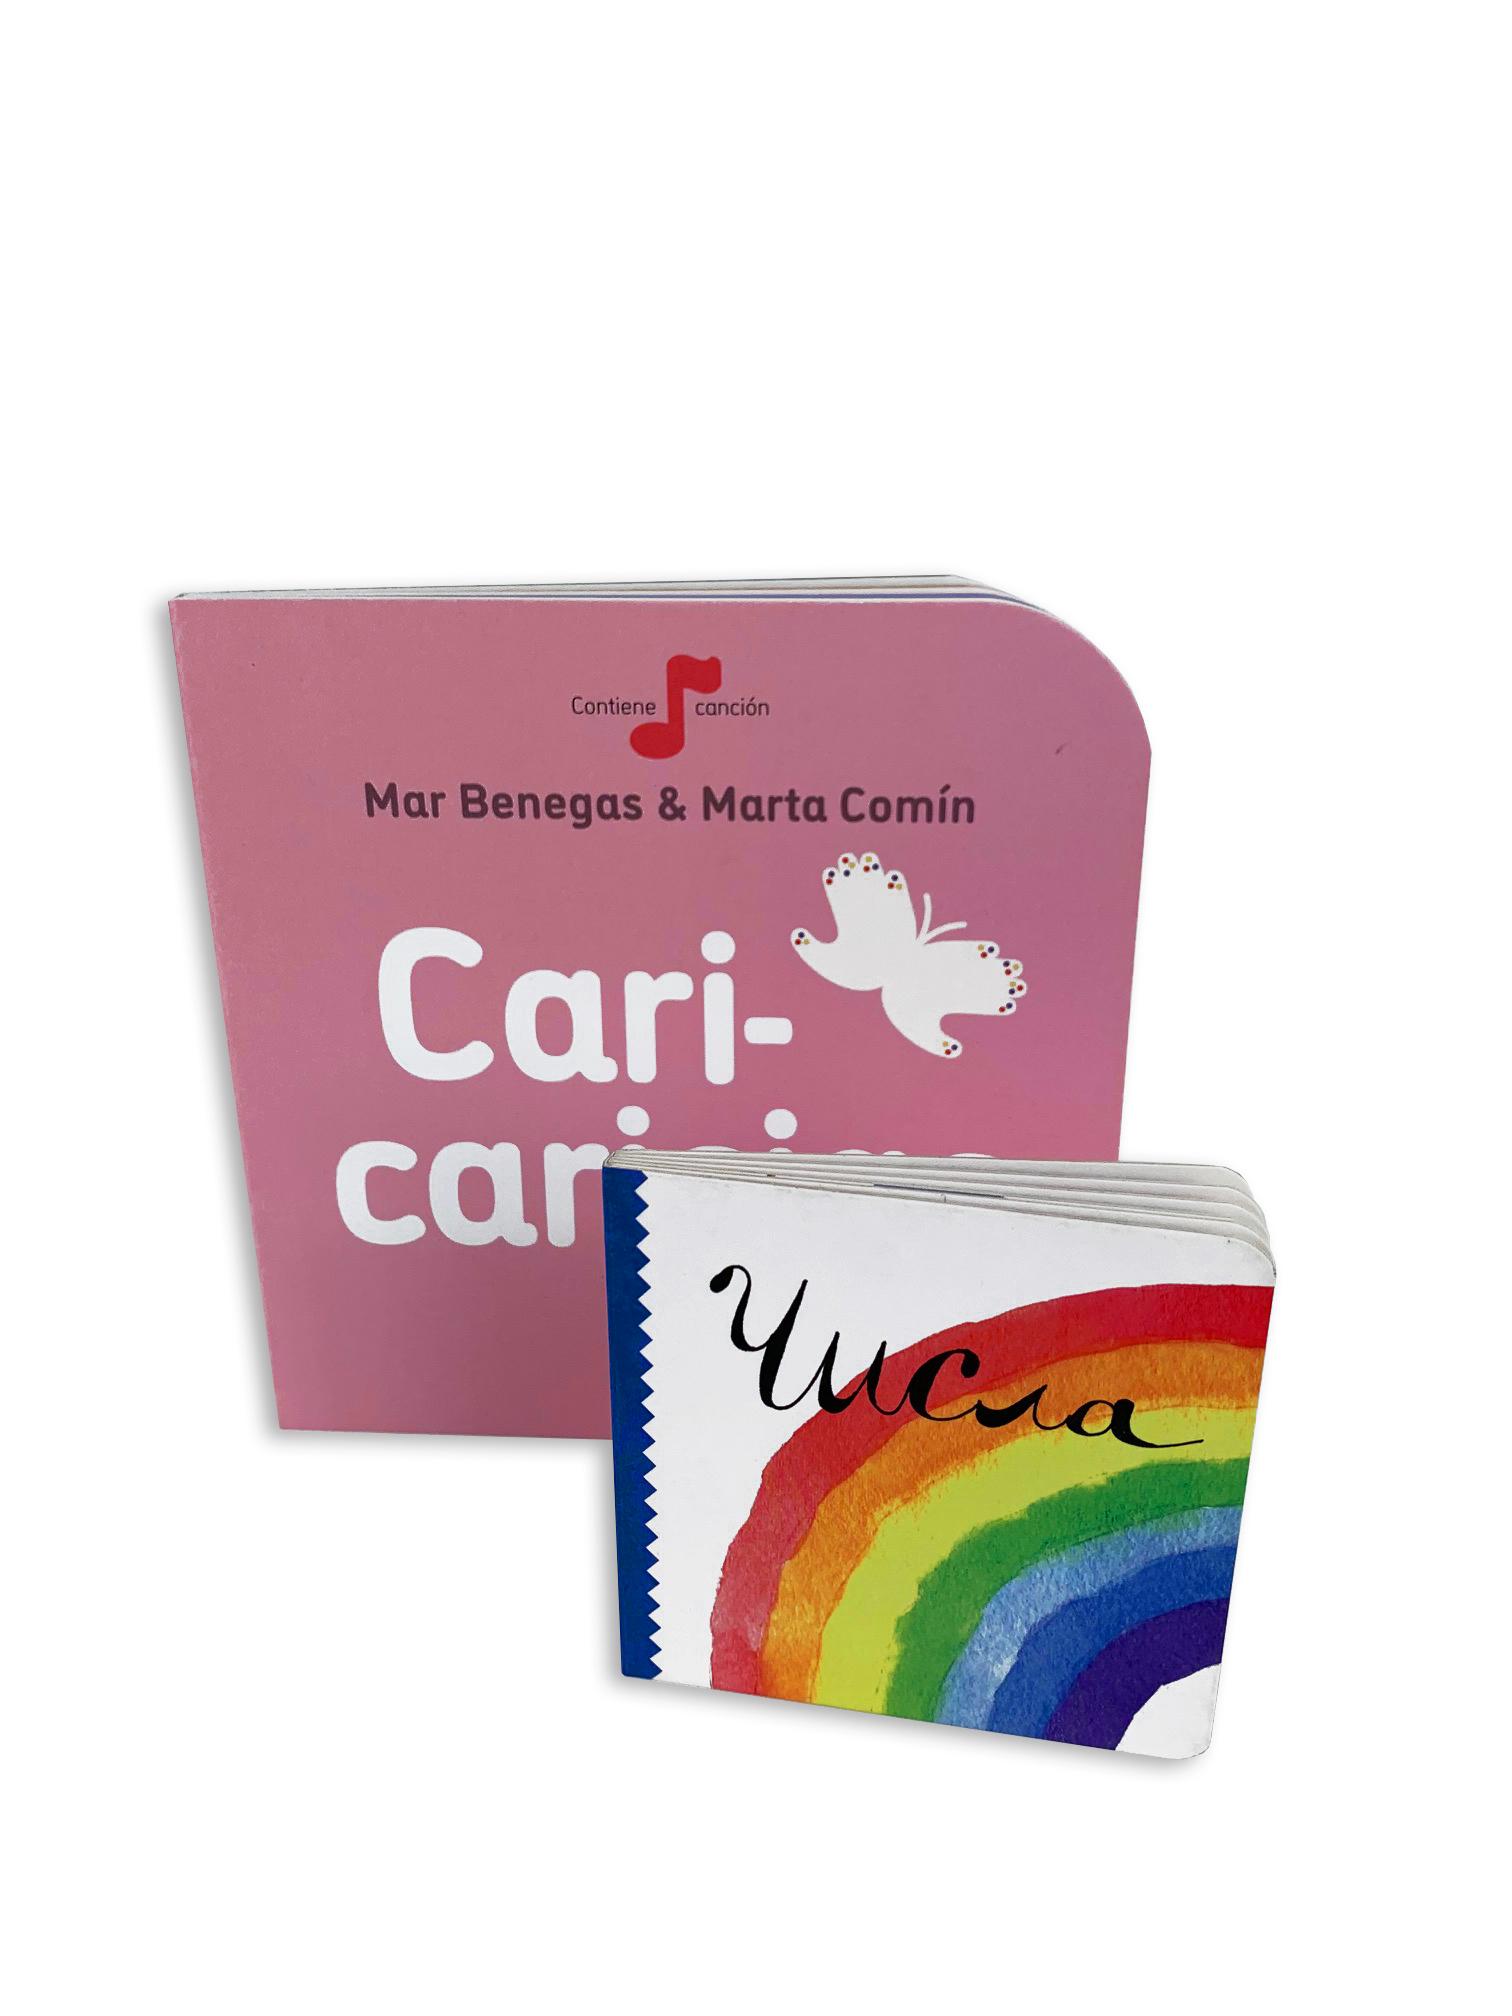 libro de carton mini - IMG_0208 EDITADA